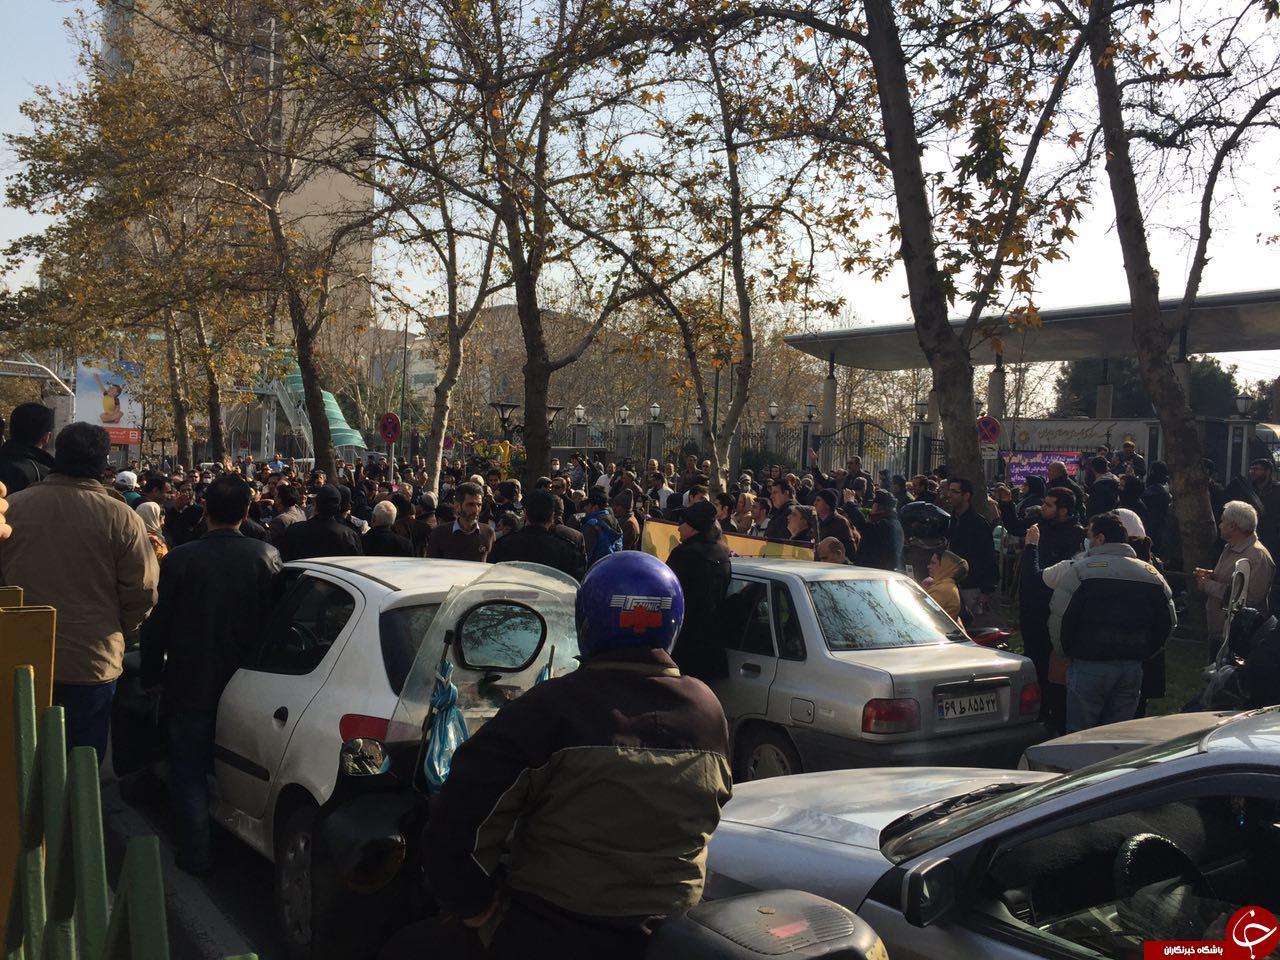 تجمع سپرده گذاران کاسپین مقابل بانک مرکزی (فیلم) .